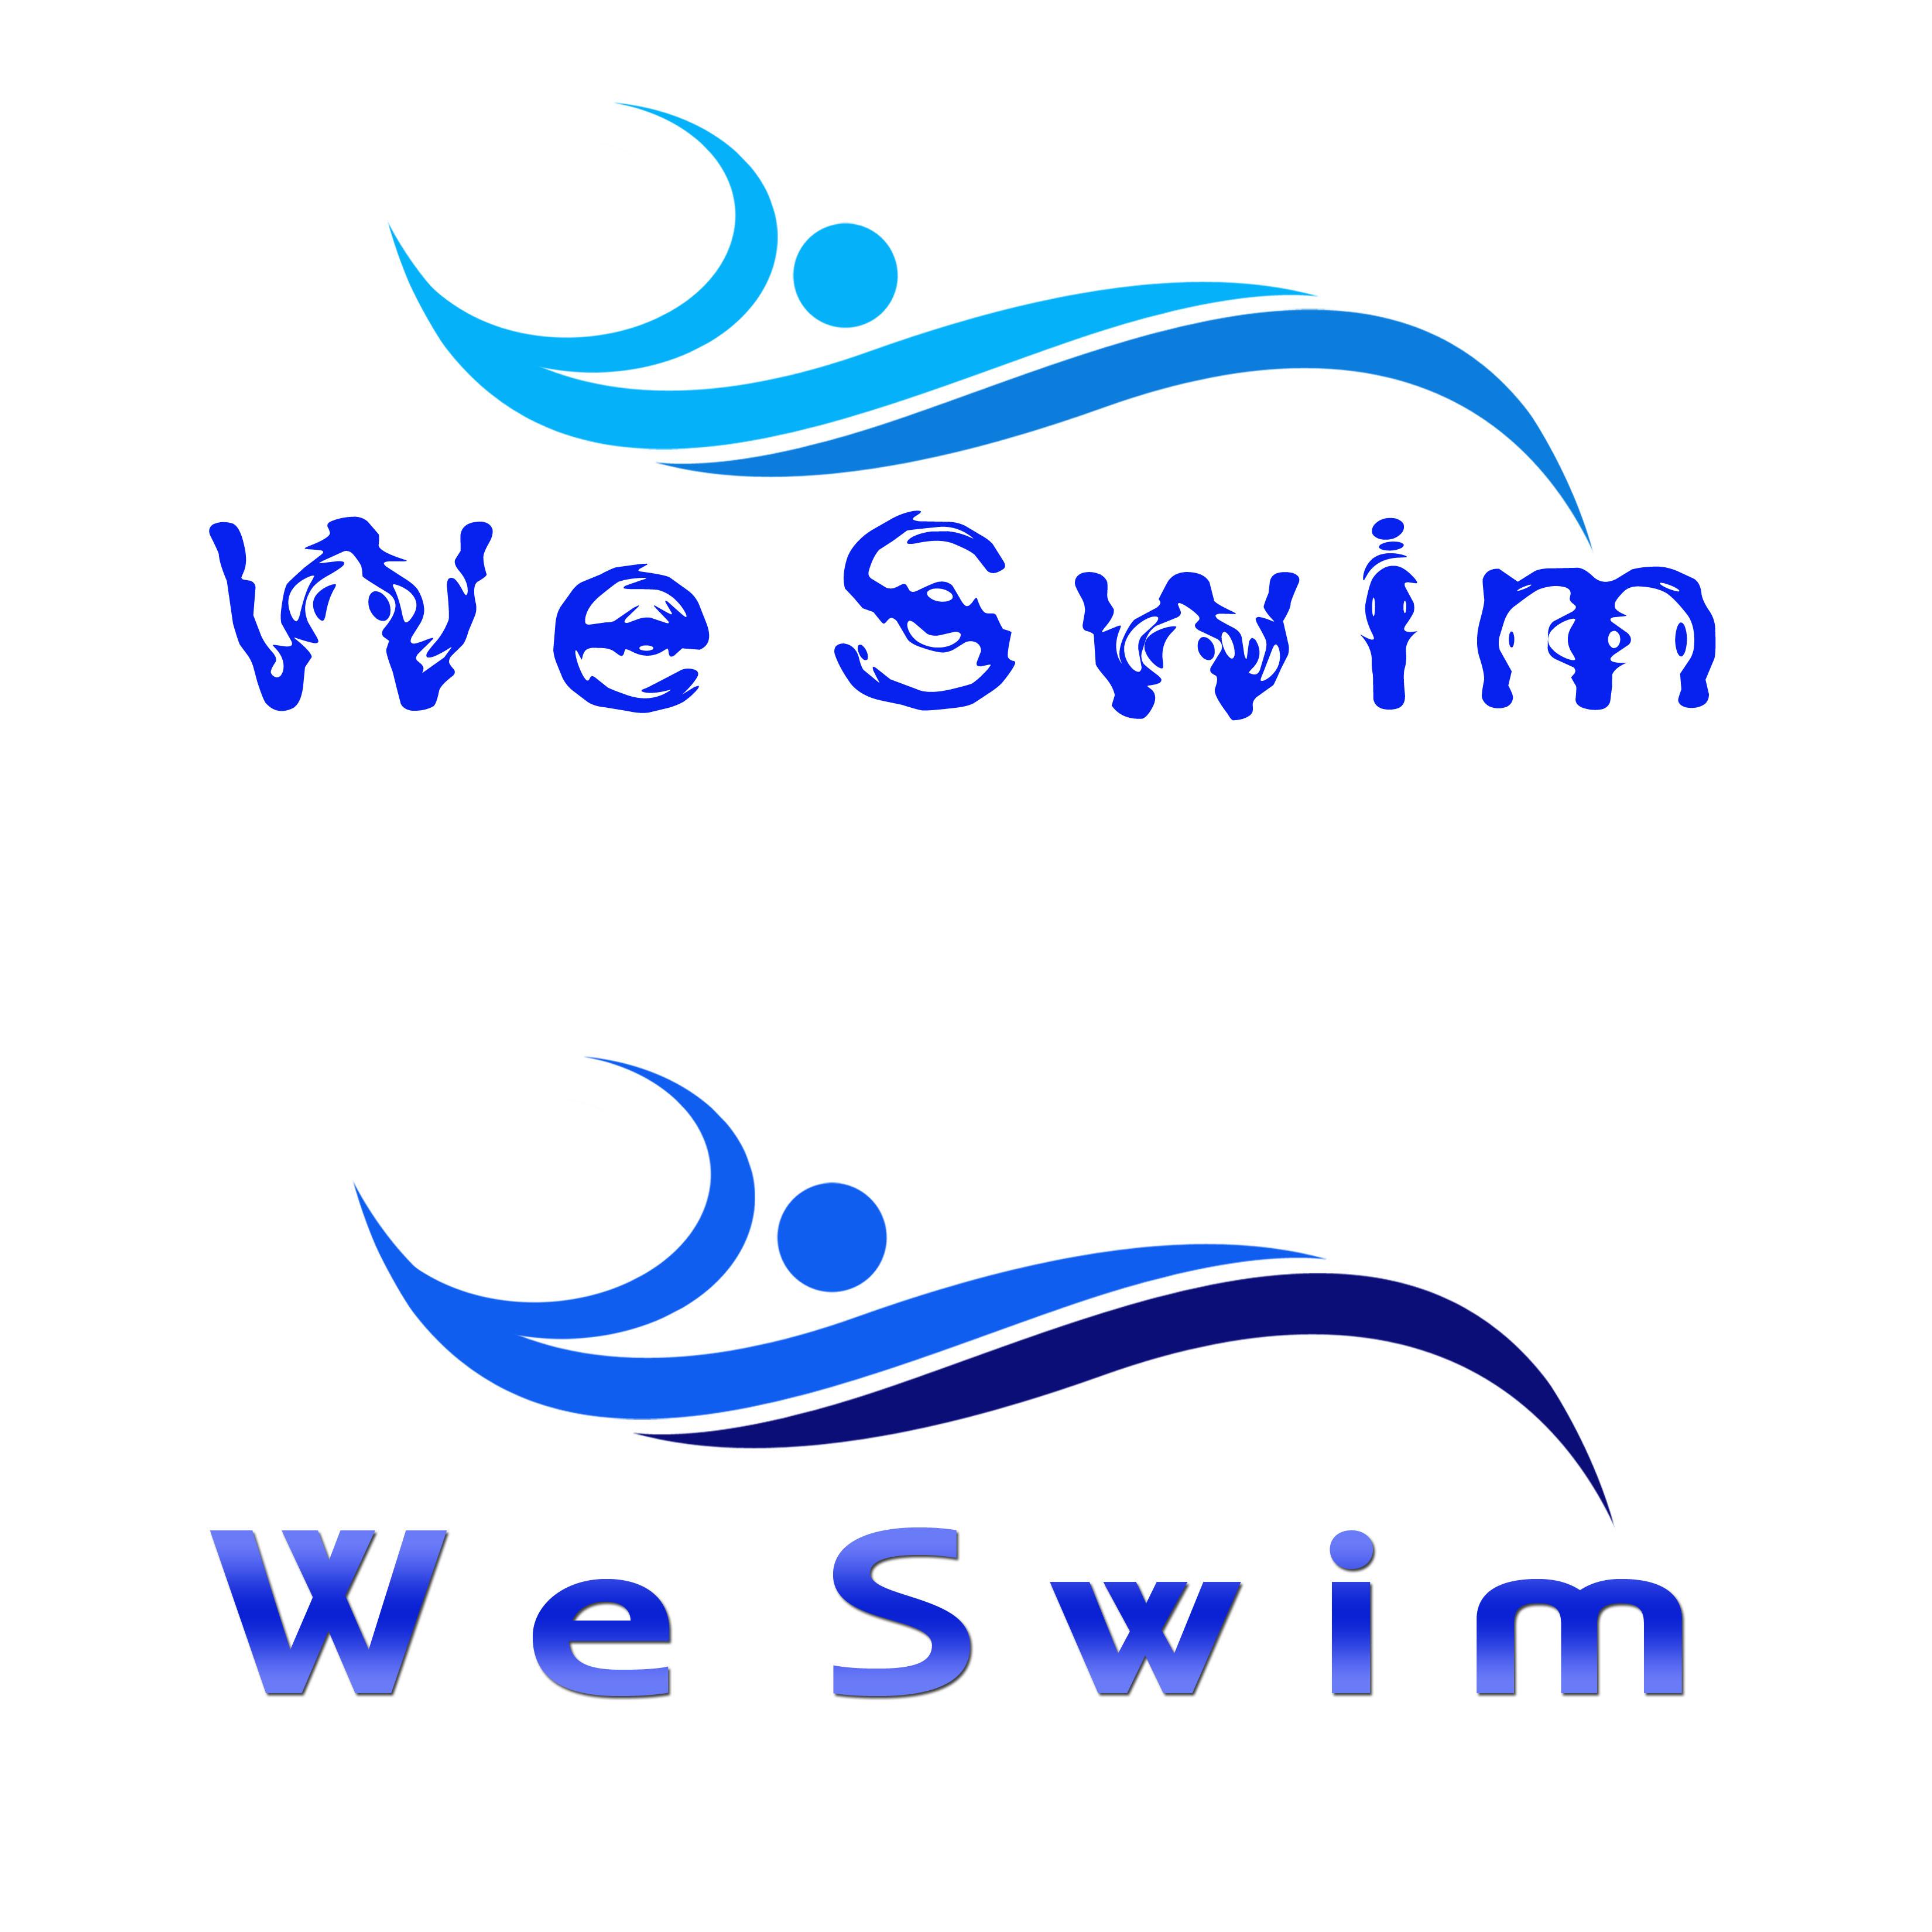 Logo Design by Allan Esclamado - Entry No. 63 in the Logo Design Contest Captivating Logo Design for We Swim.